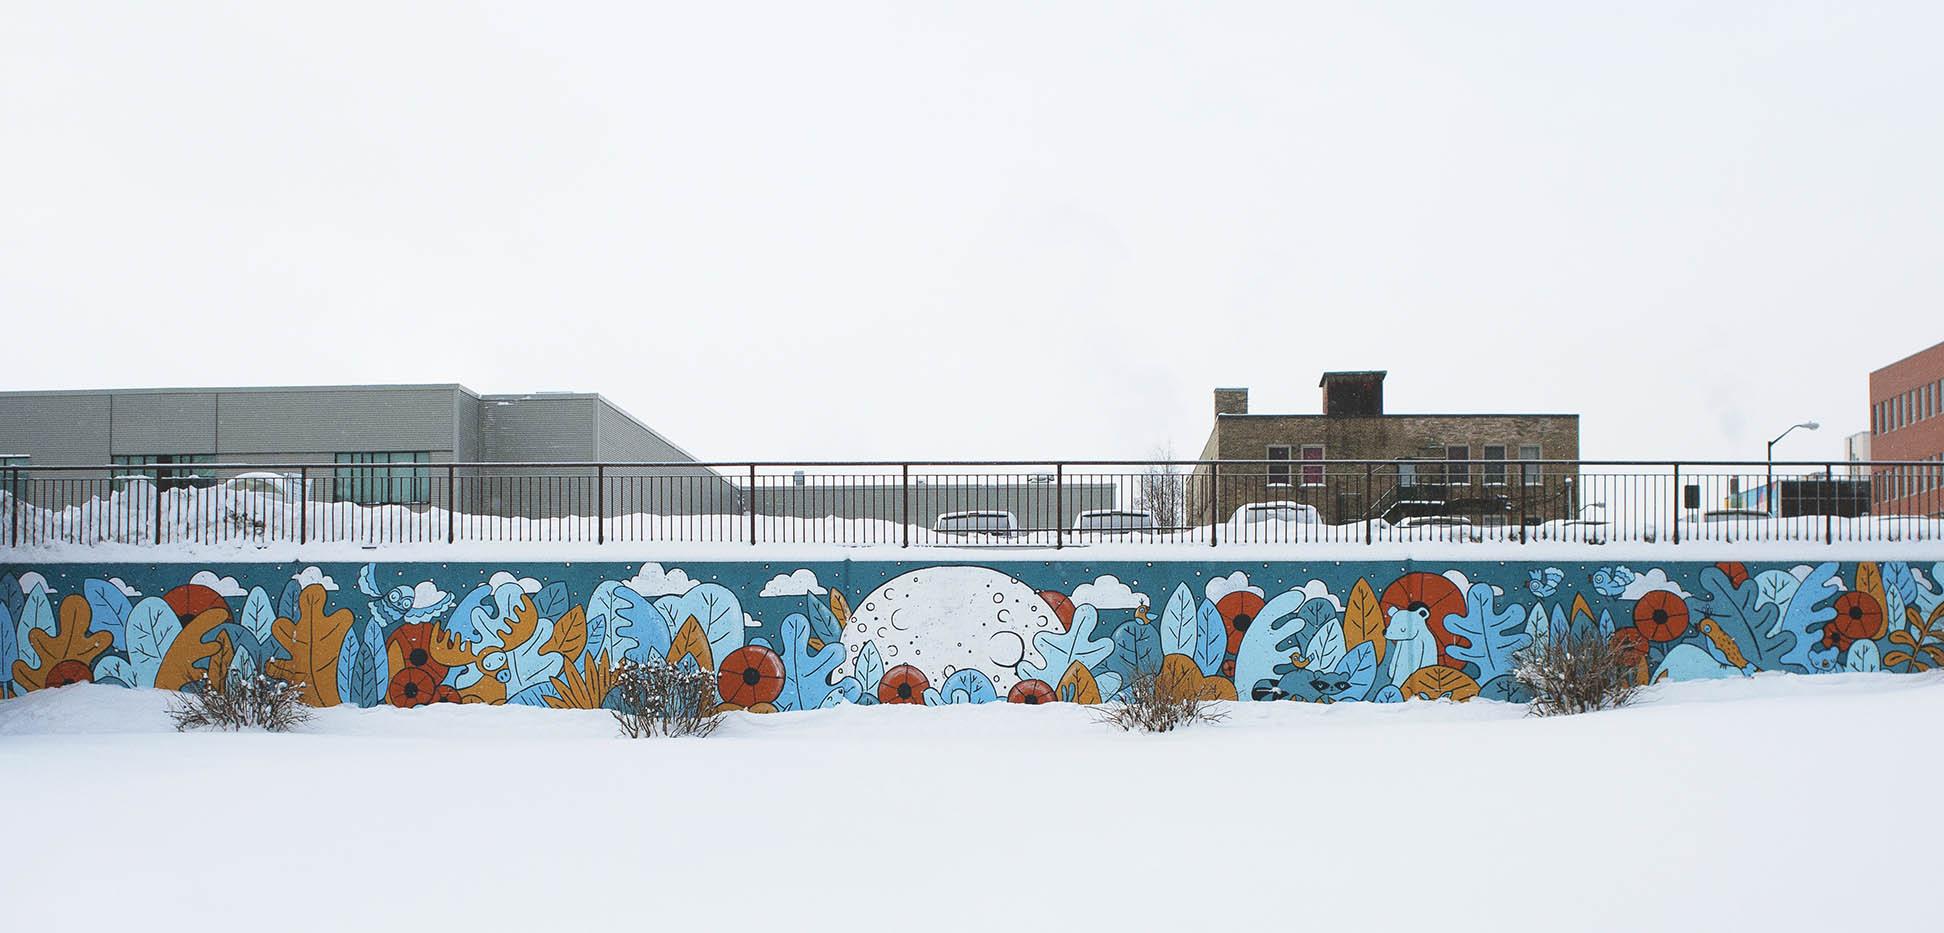 Mural_fullsm.jpg